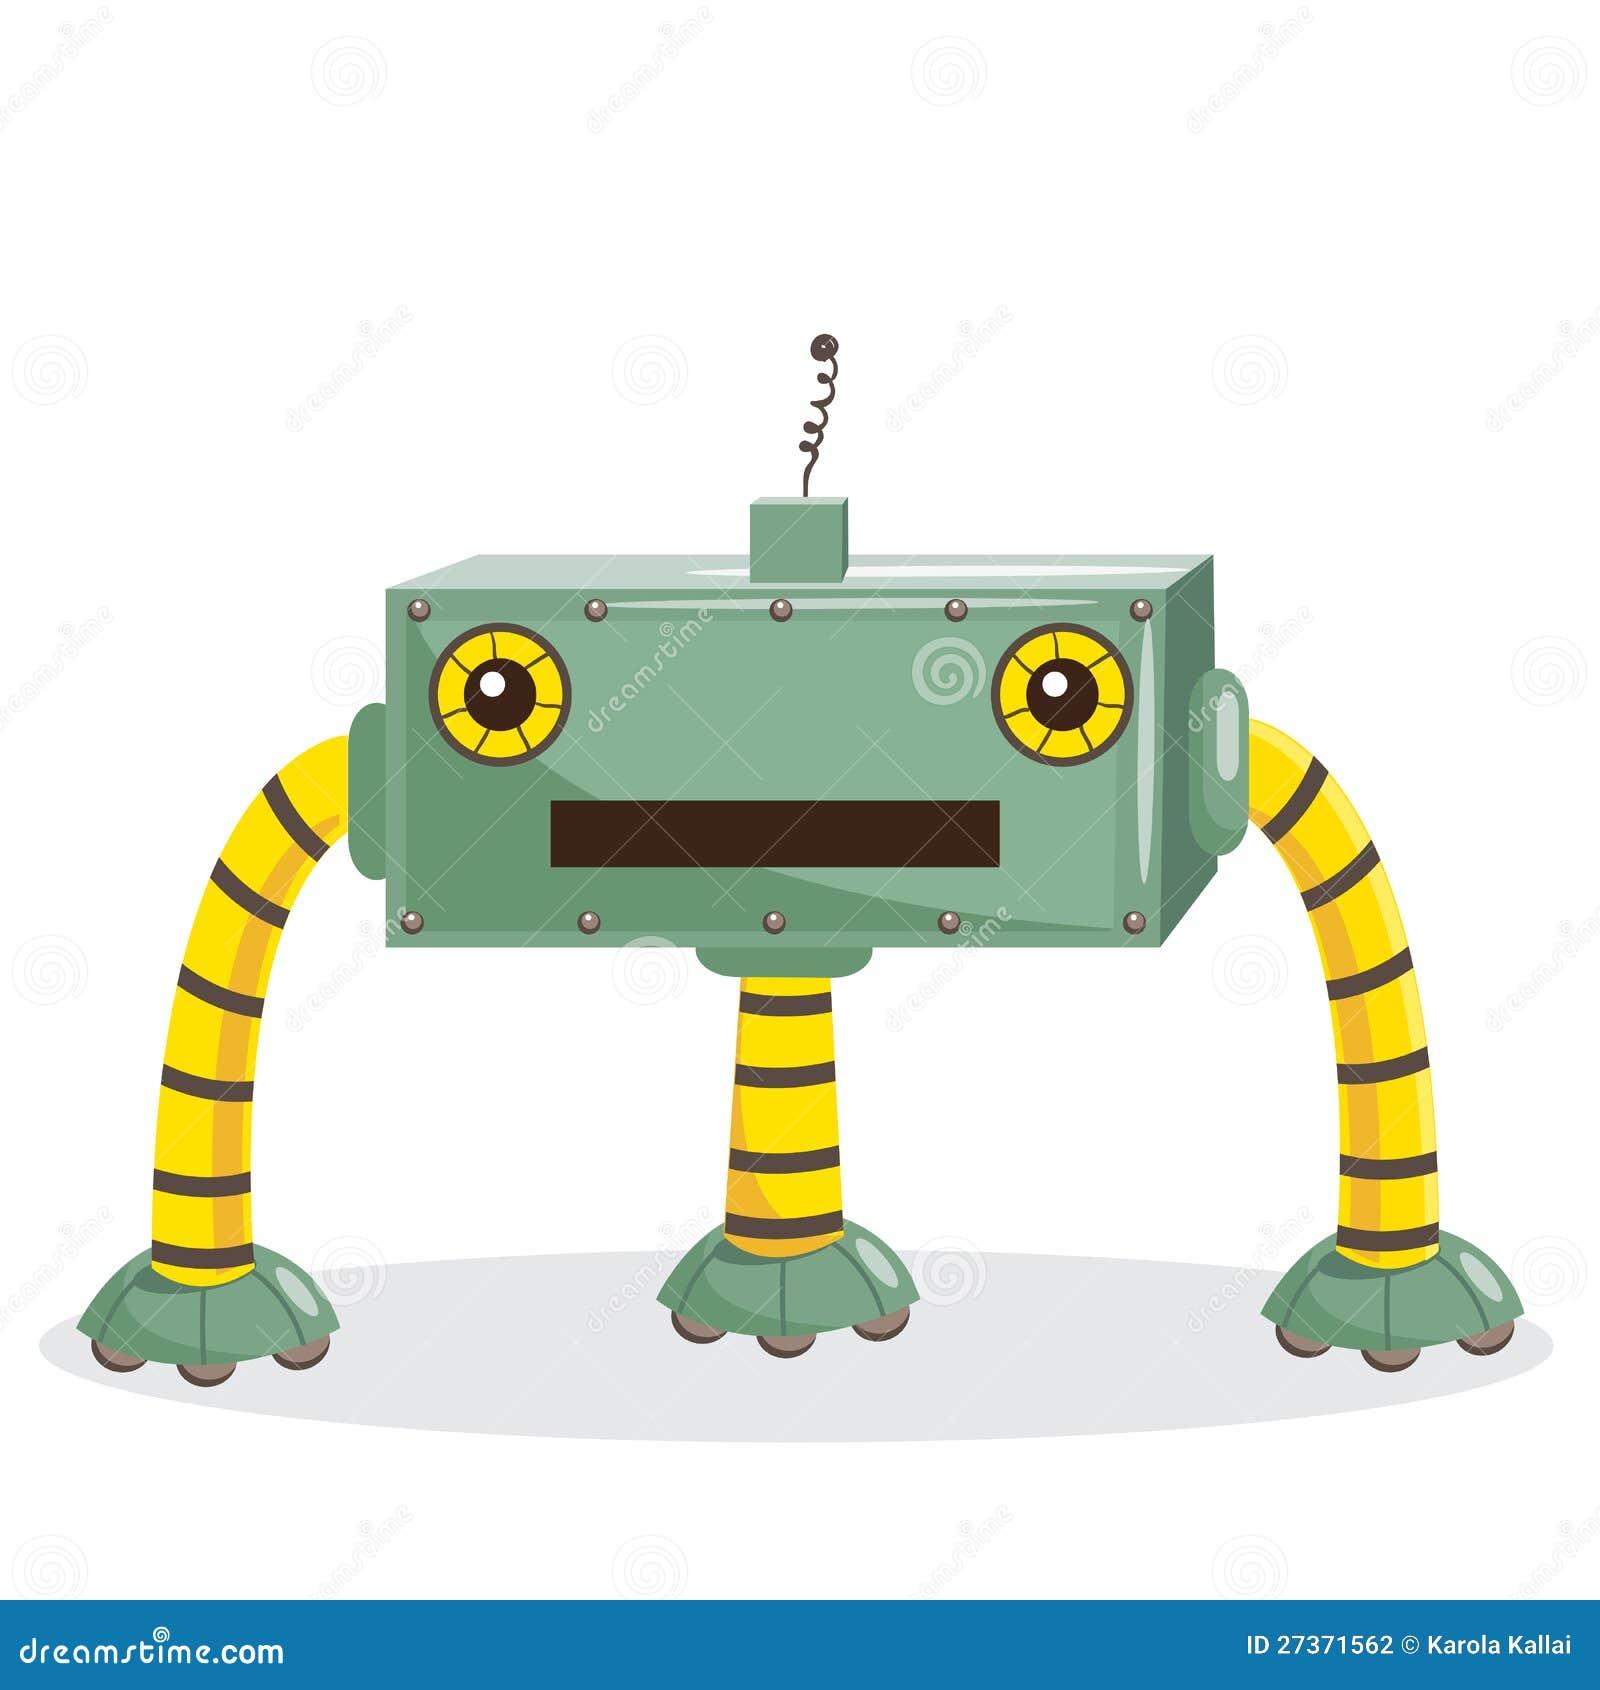 Cartoon Robot Toy : Cartoon robot stock photography image